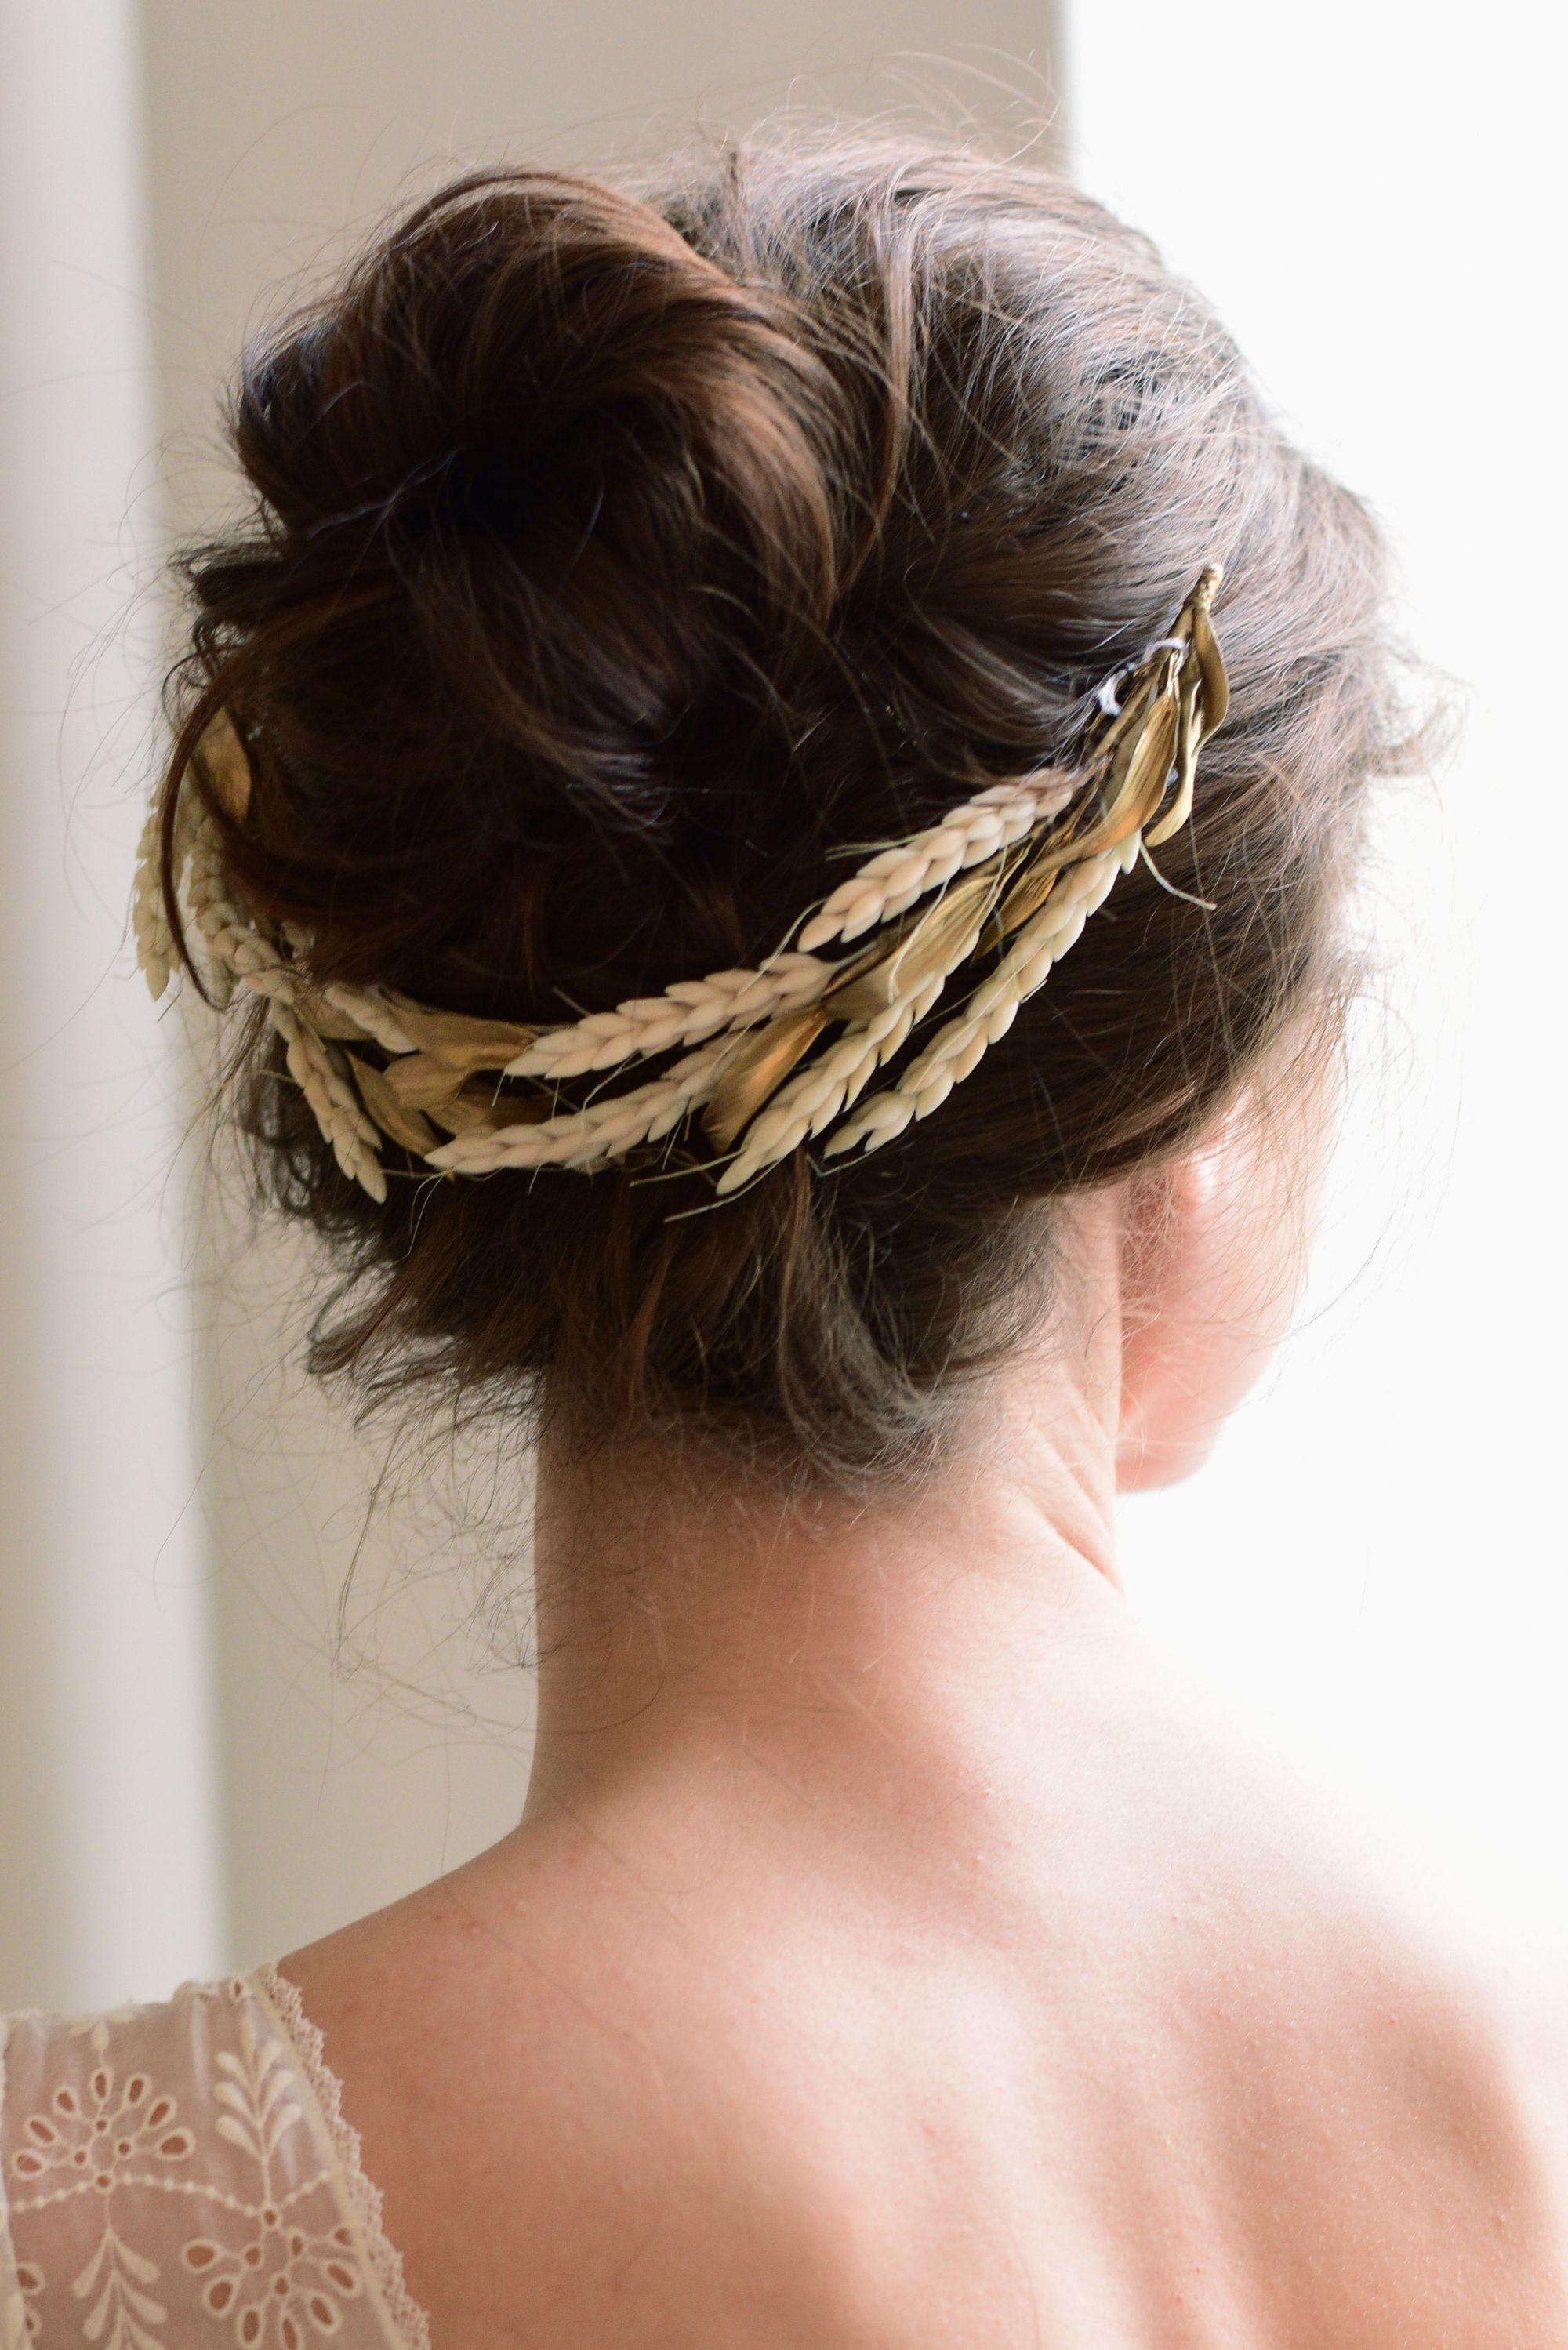 Coiffures d'invités de mariage : Plan arrière d'une femme aux cheveux châtain foncé coiffés en chignon avec un accessoire pour cheveux en forme de fleur dorée, posant dans une pièce éclairée.